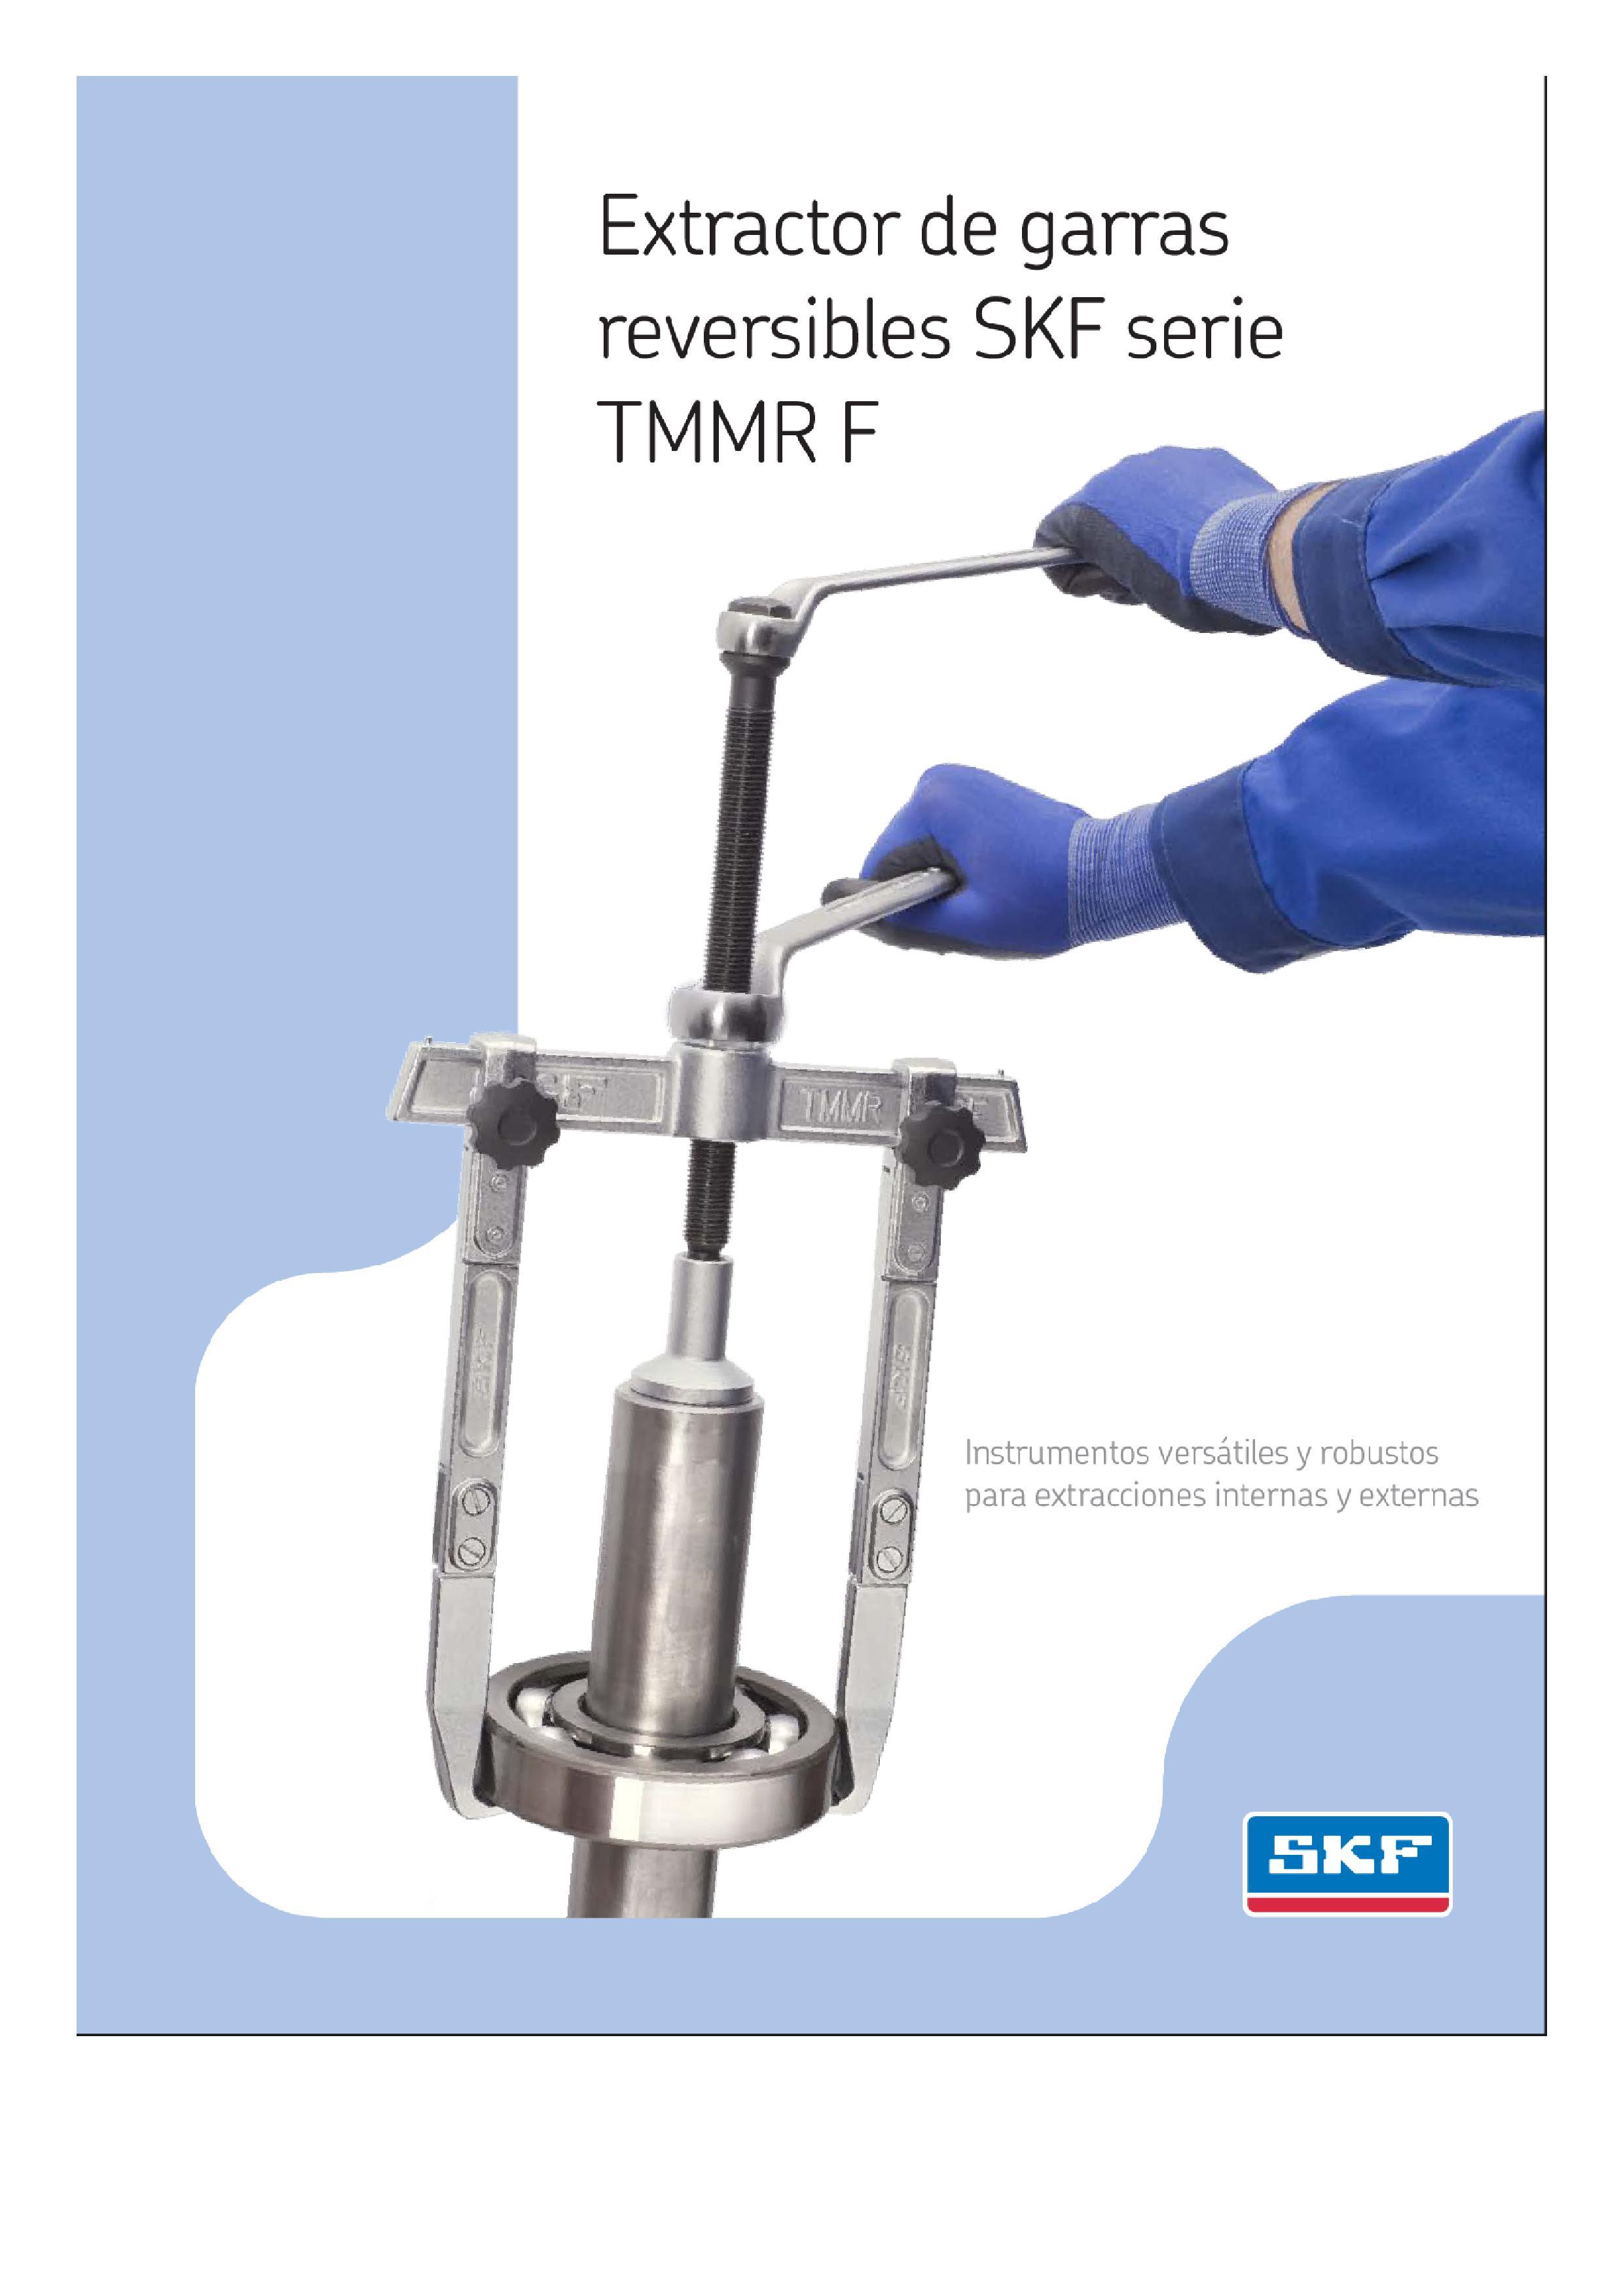 Bộ dụng cụ tháo lắp vòng bi SKF: TMMR 8F